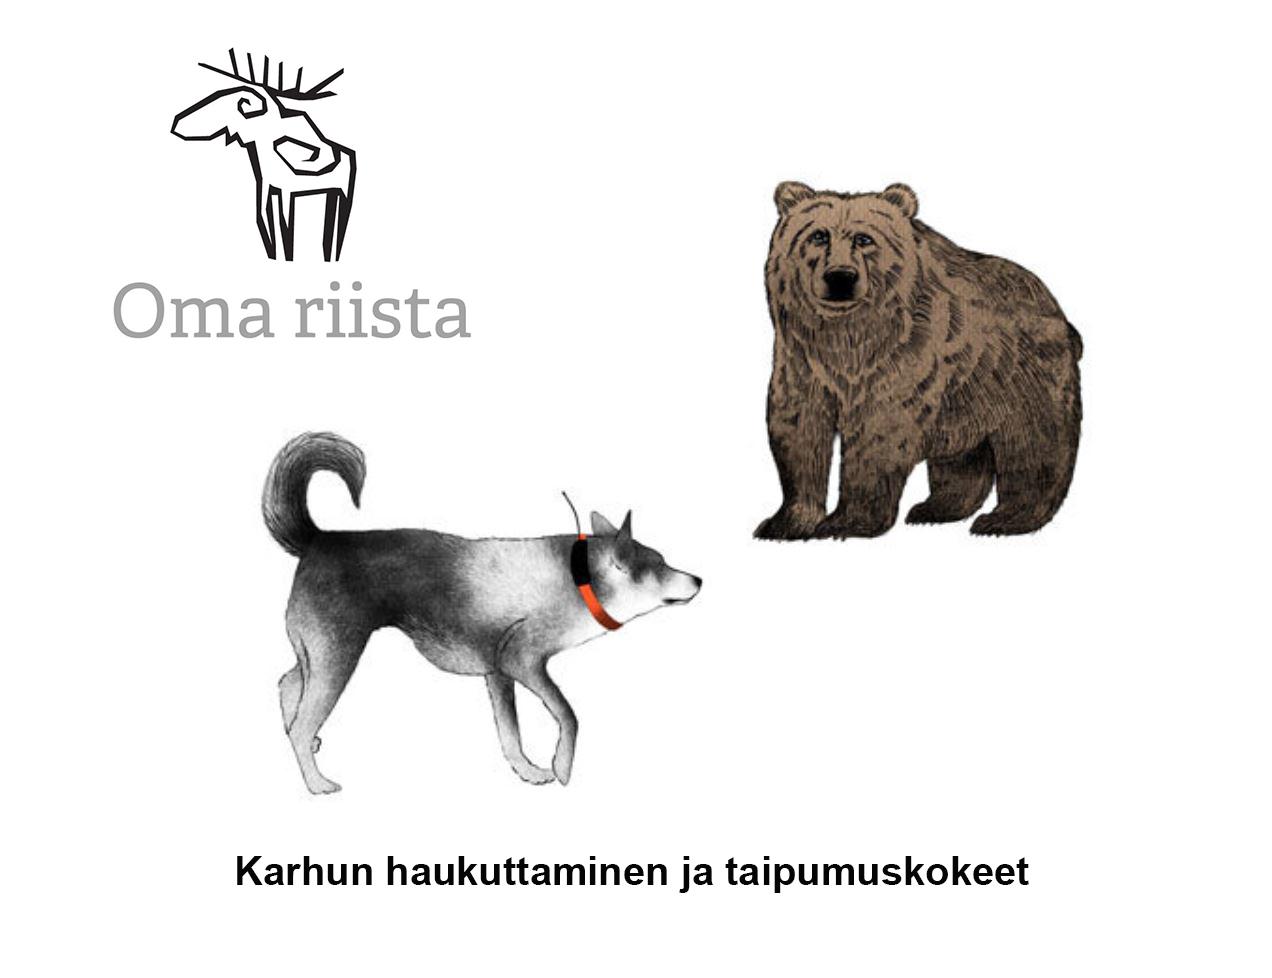 Metsästys koira ja karhu. Teksti: Karhun haukuttaminen ja taipumuskokeet. Oma riista -logo.